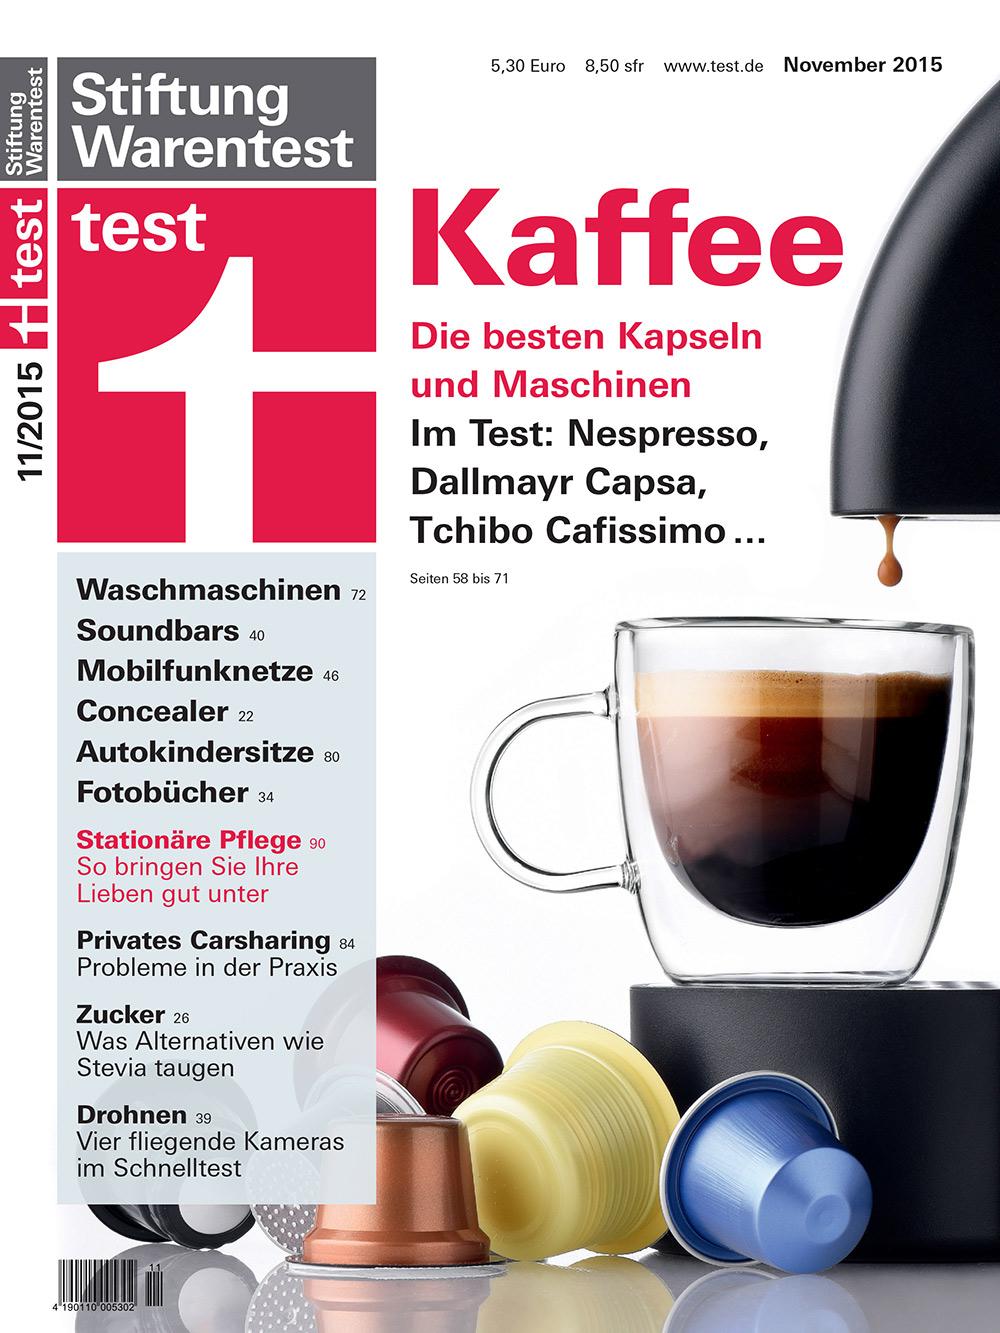 stiwa testet kaffee fremdgehen kann sich lohnen. Black Bedroom Furniture Sets. Home Design Ideas